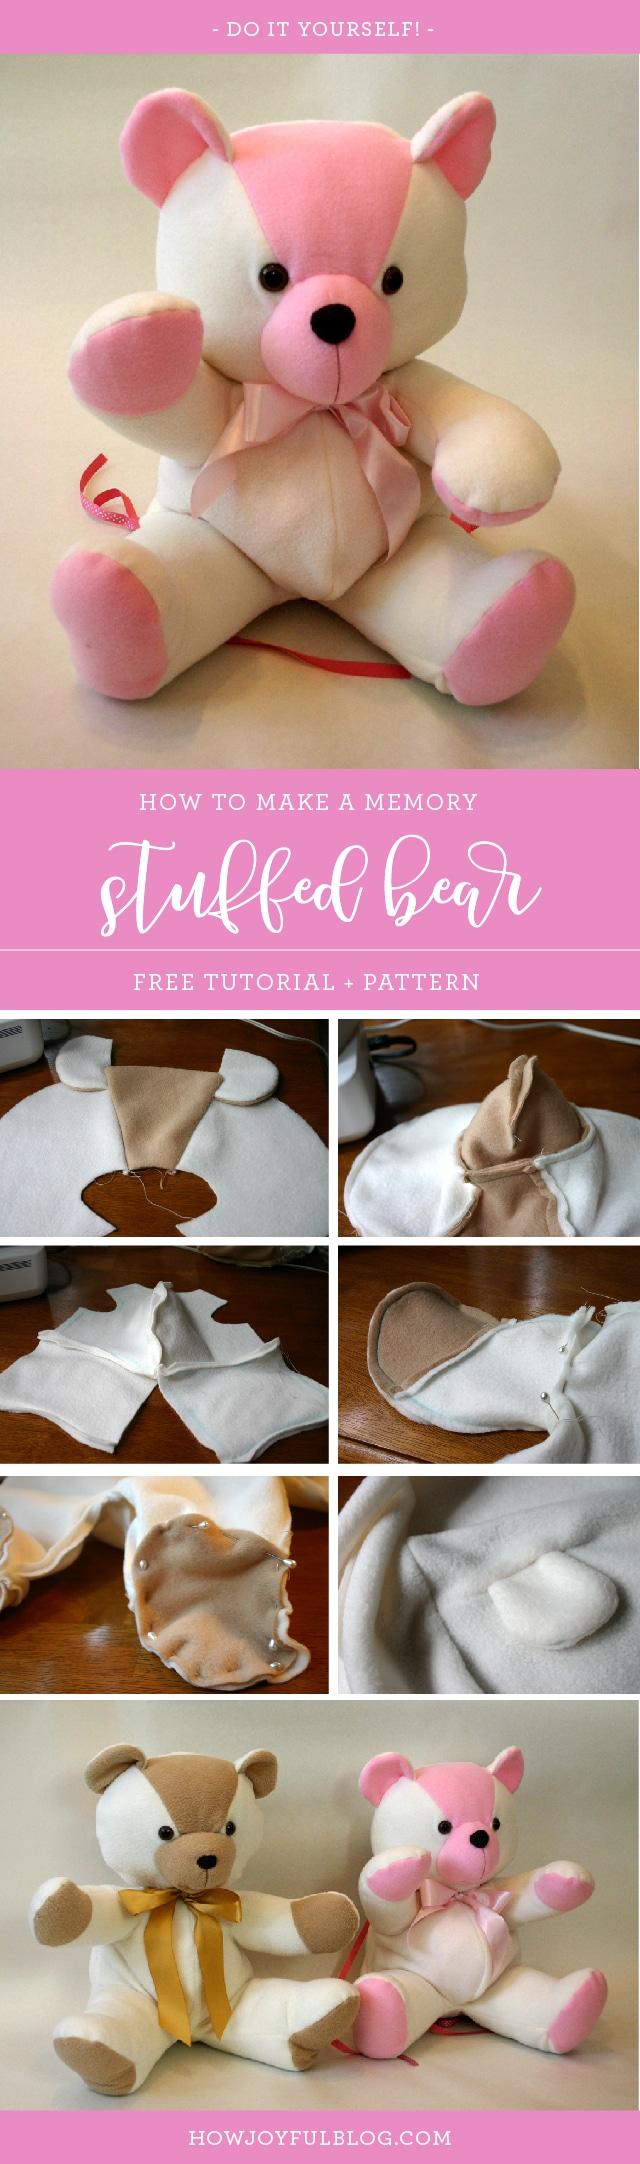 How to make a stuffed bear - Tutorial and Pattern - HowJoyful Bear by Joy Kelley from @howjoyful